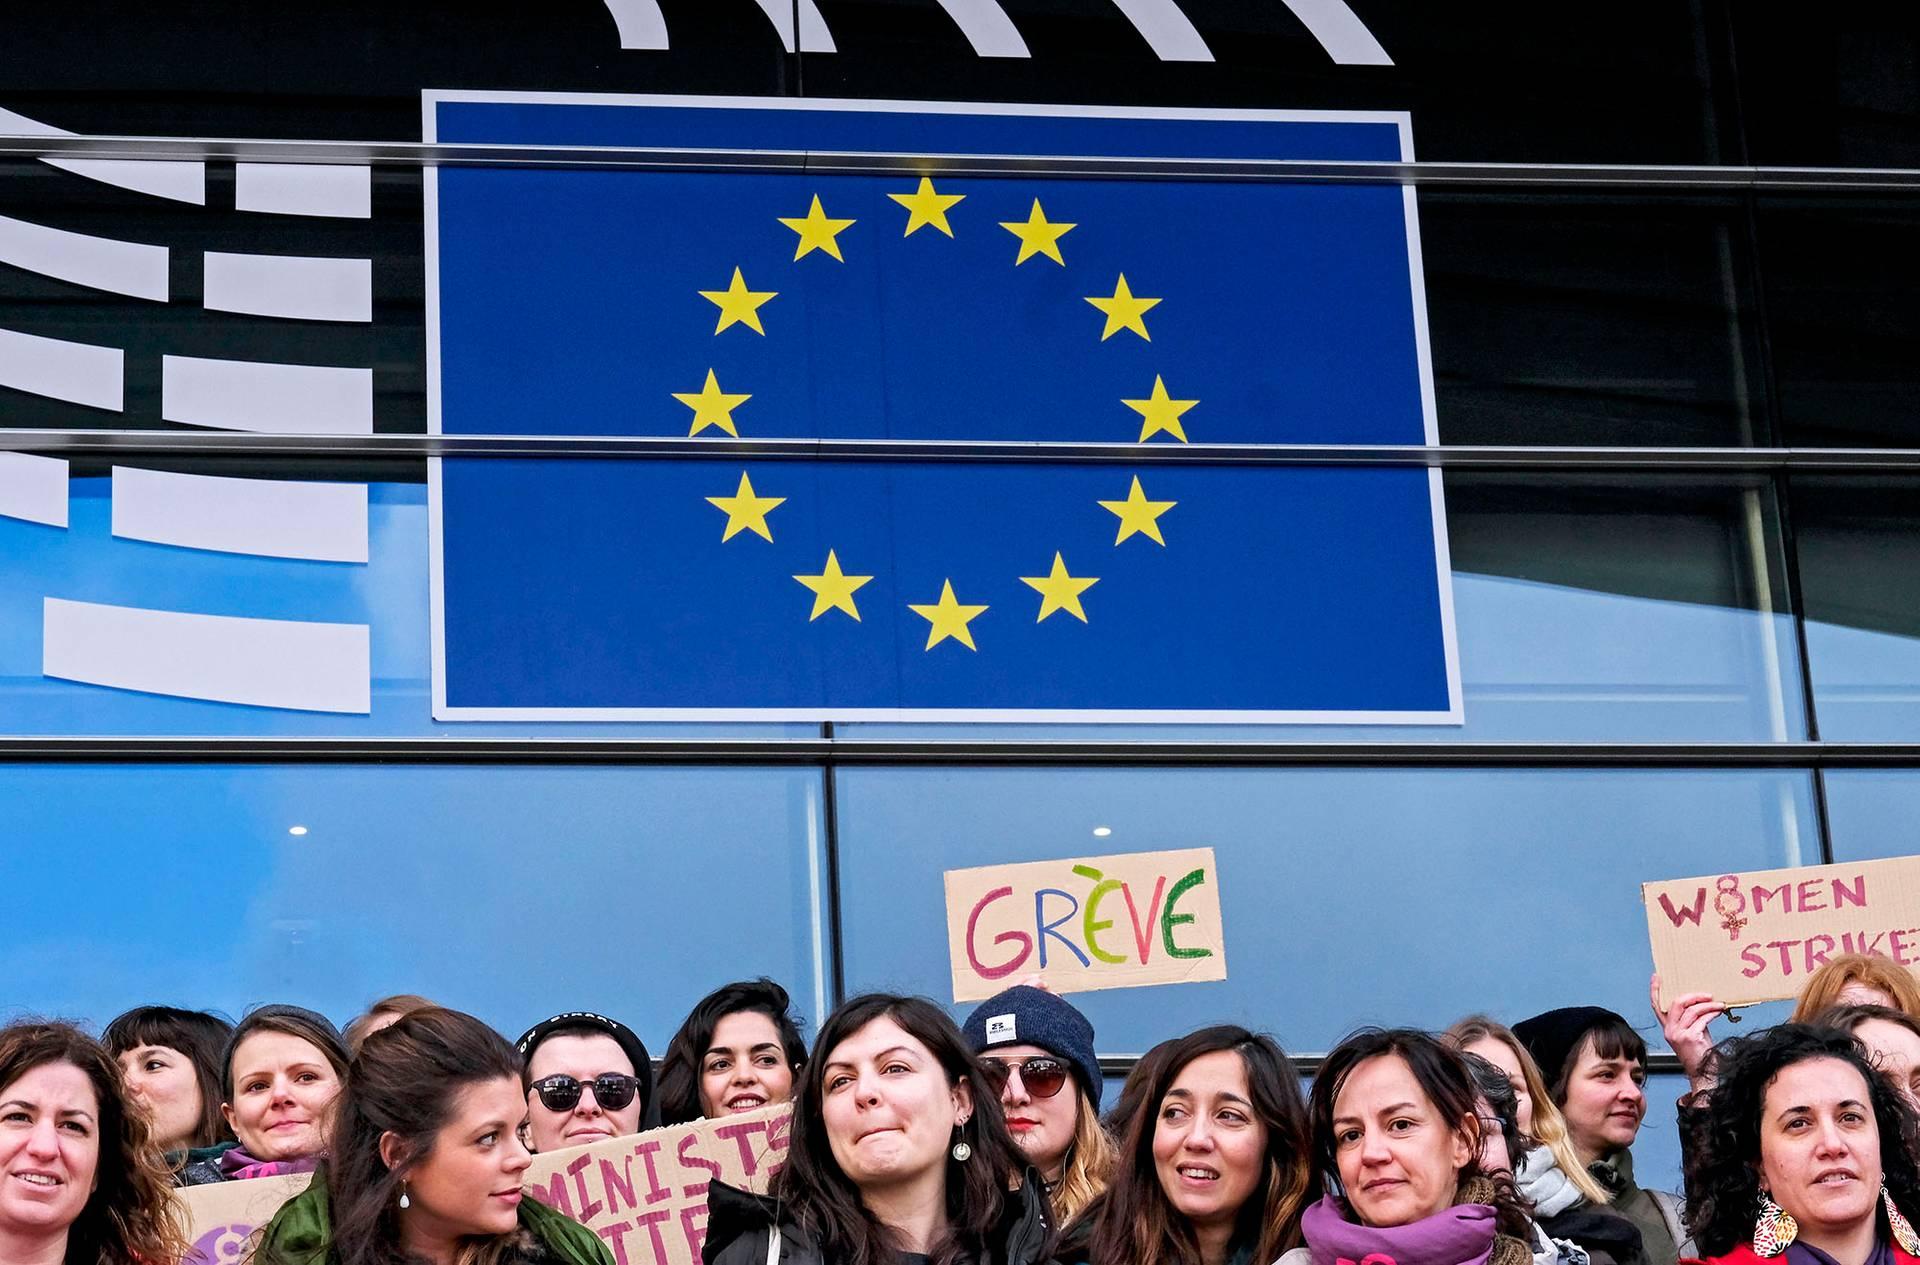 Жіночий страйк біля головного входу до будівлі Європарламенту в Брюсселі, Бельгія, 8 березня 2019 року